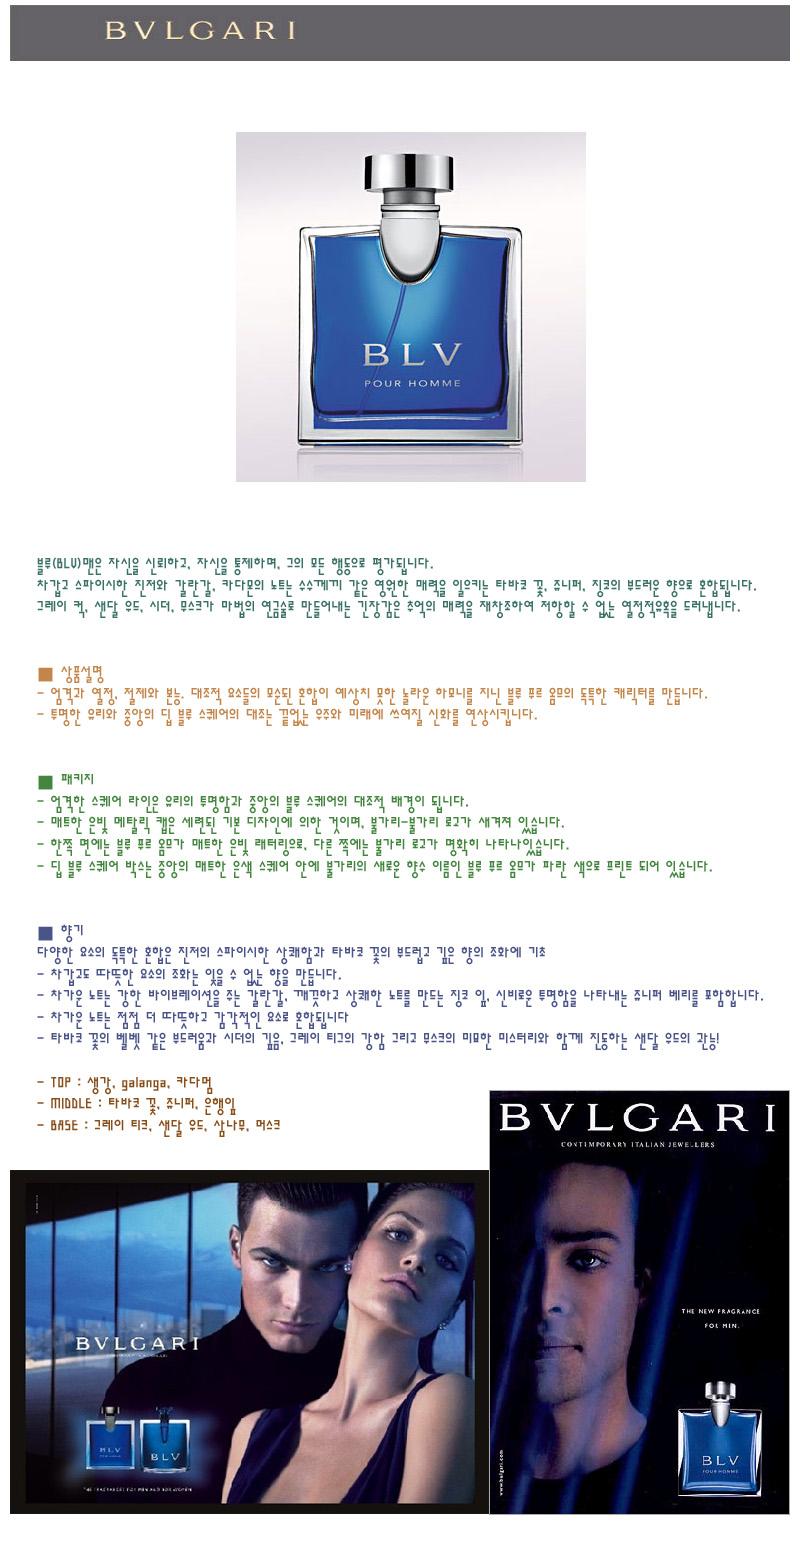 [불가리] 블루 옴므 50ml 정품 특가행사